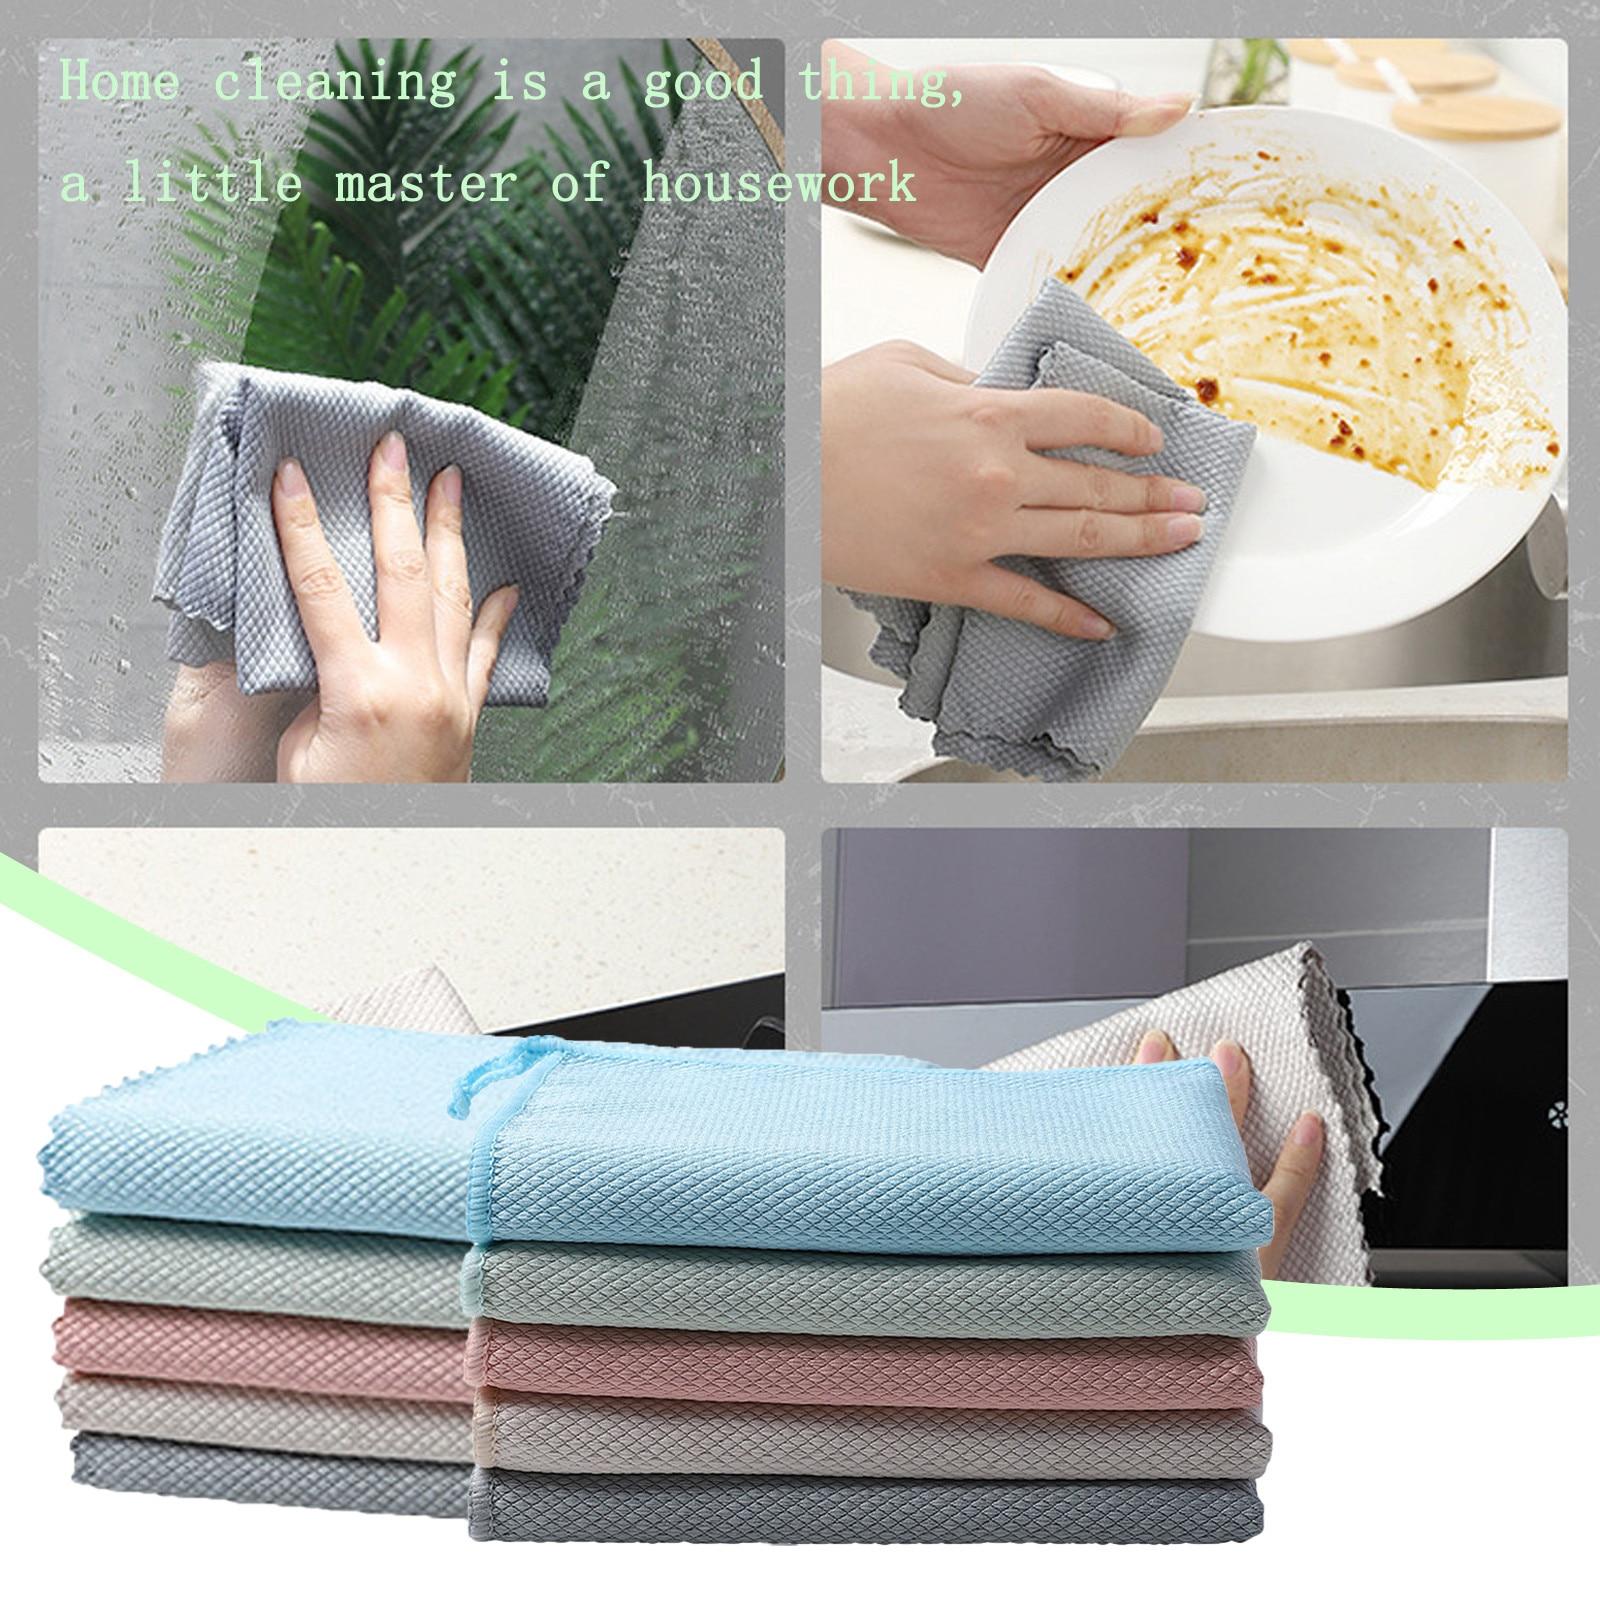 Чистящие полотенца, бытовые чистящие салфетки из микрофибры для мытья посуды, посуды, полотенца и посуды, инструмент для уборки дома